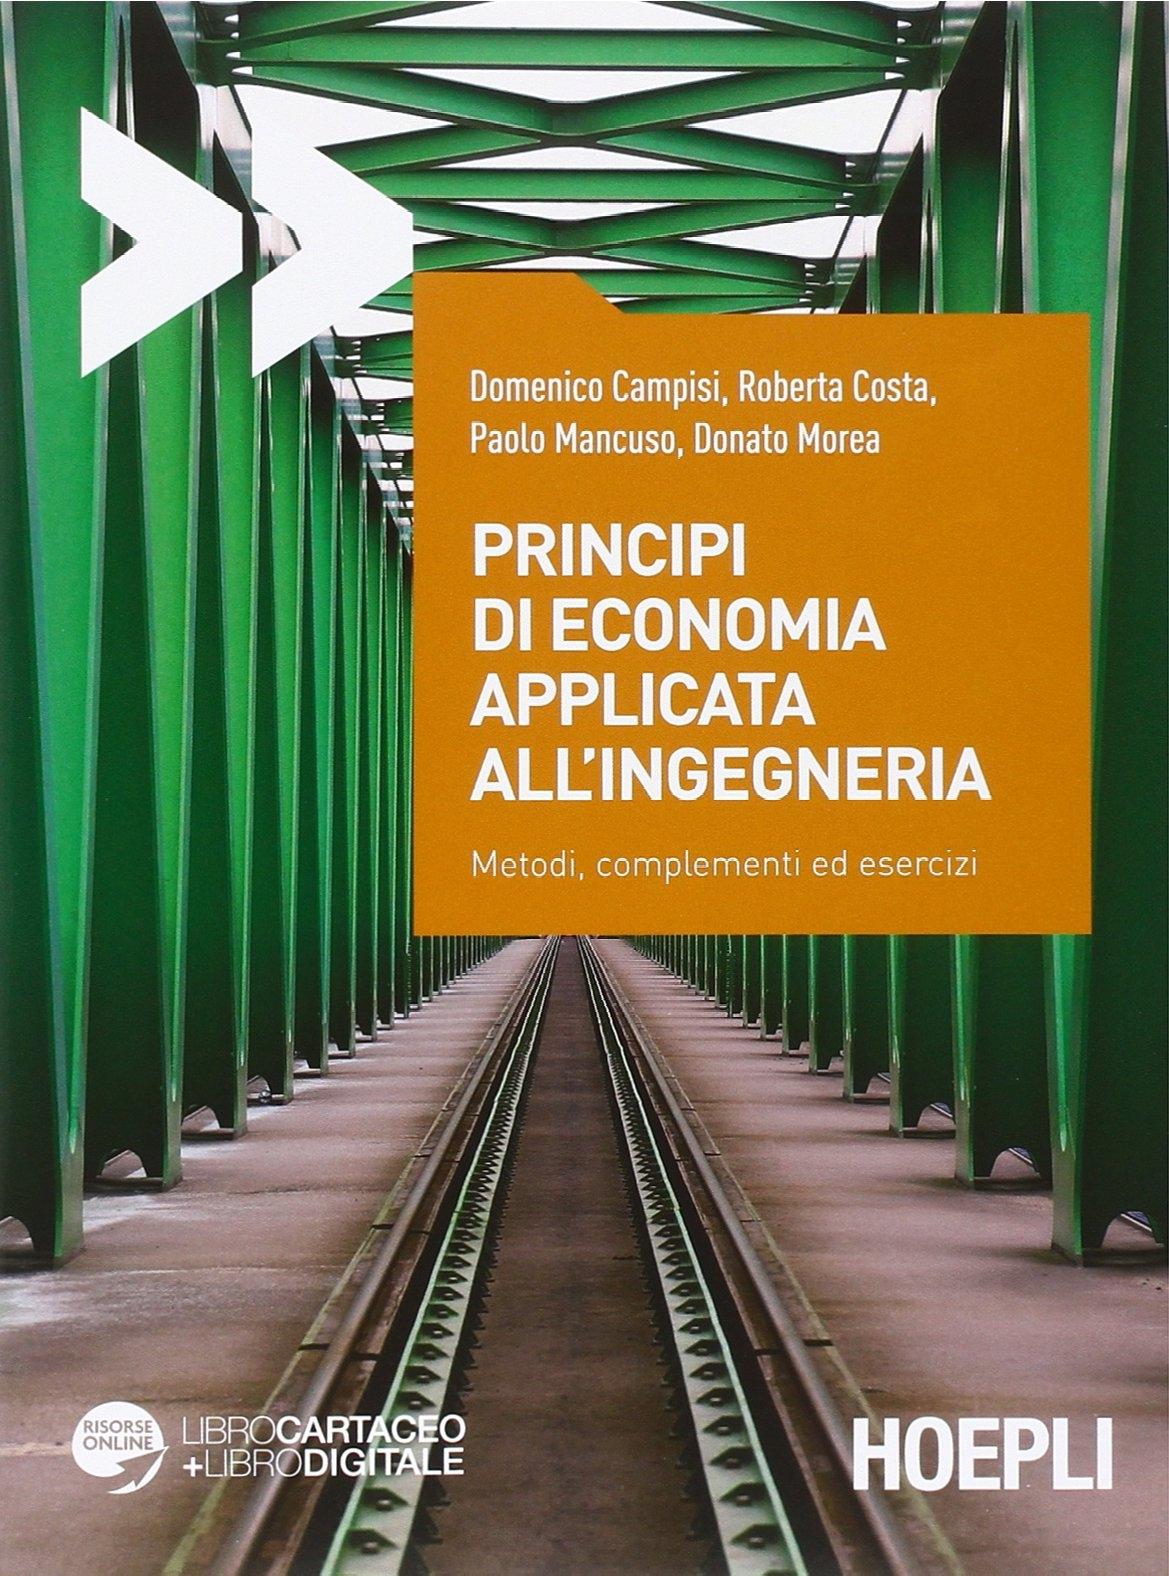 Principi di economia applicata all'ingegneria. Metodi, complementi ed esercizi